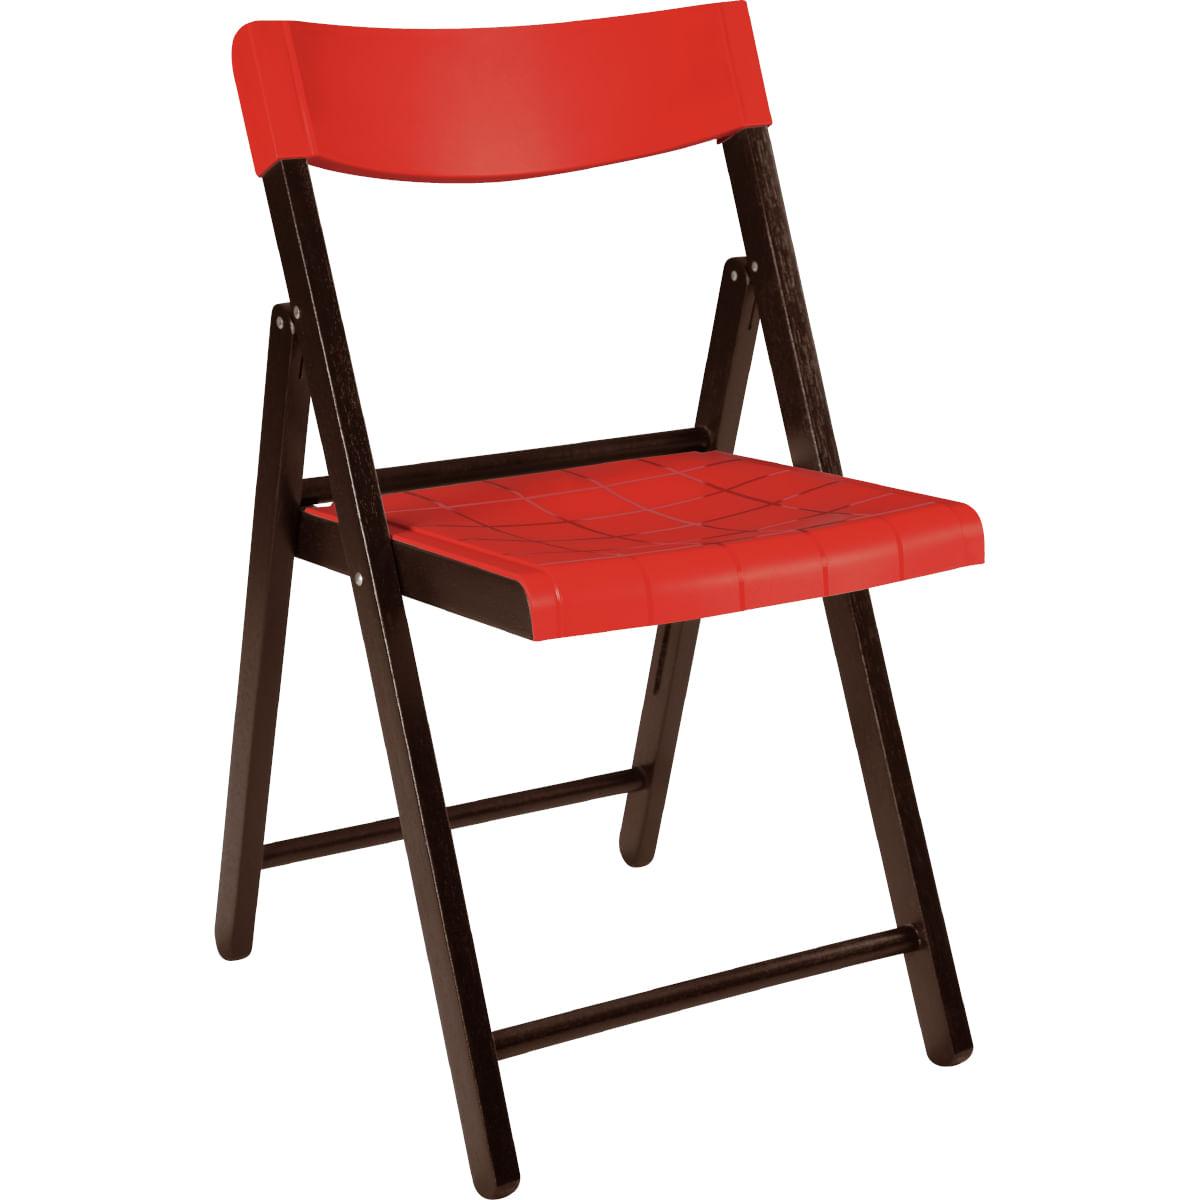 Cadeira Dobrável Tramontina em Madeira Tauarí Tabaco e Polipropileno Vermelho